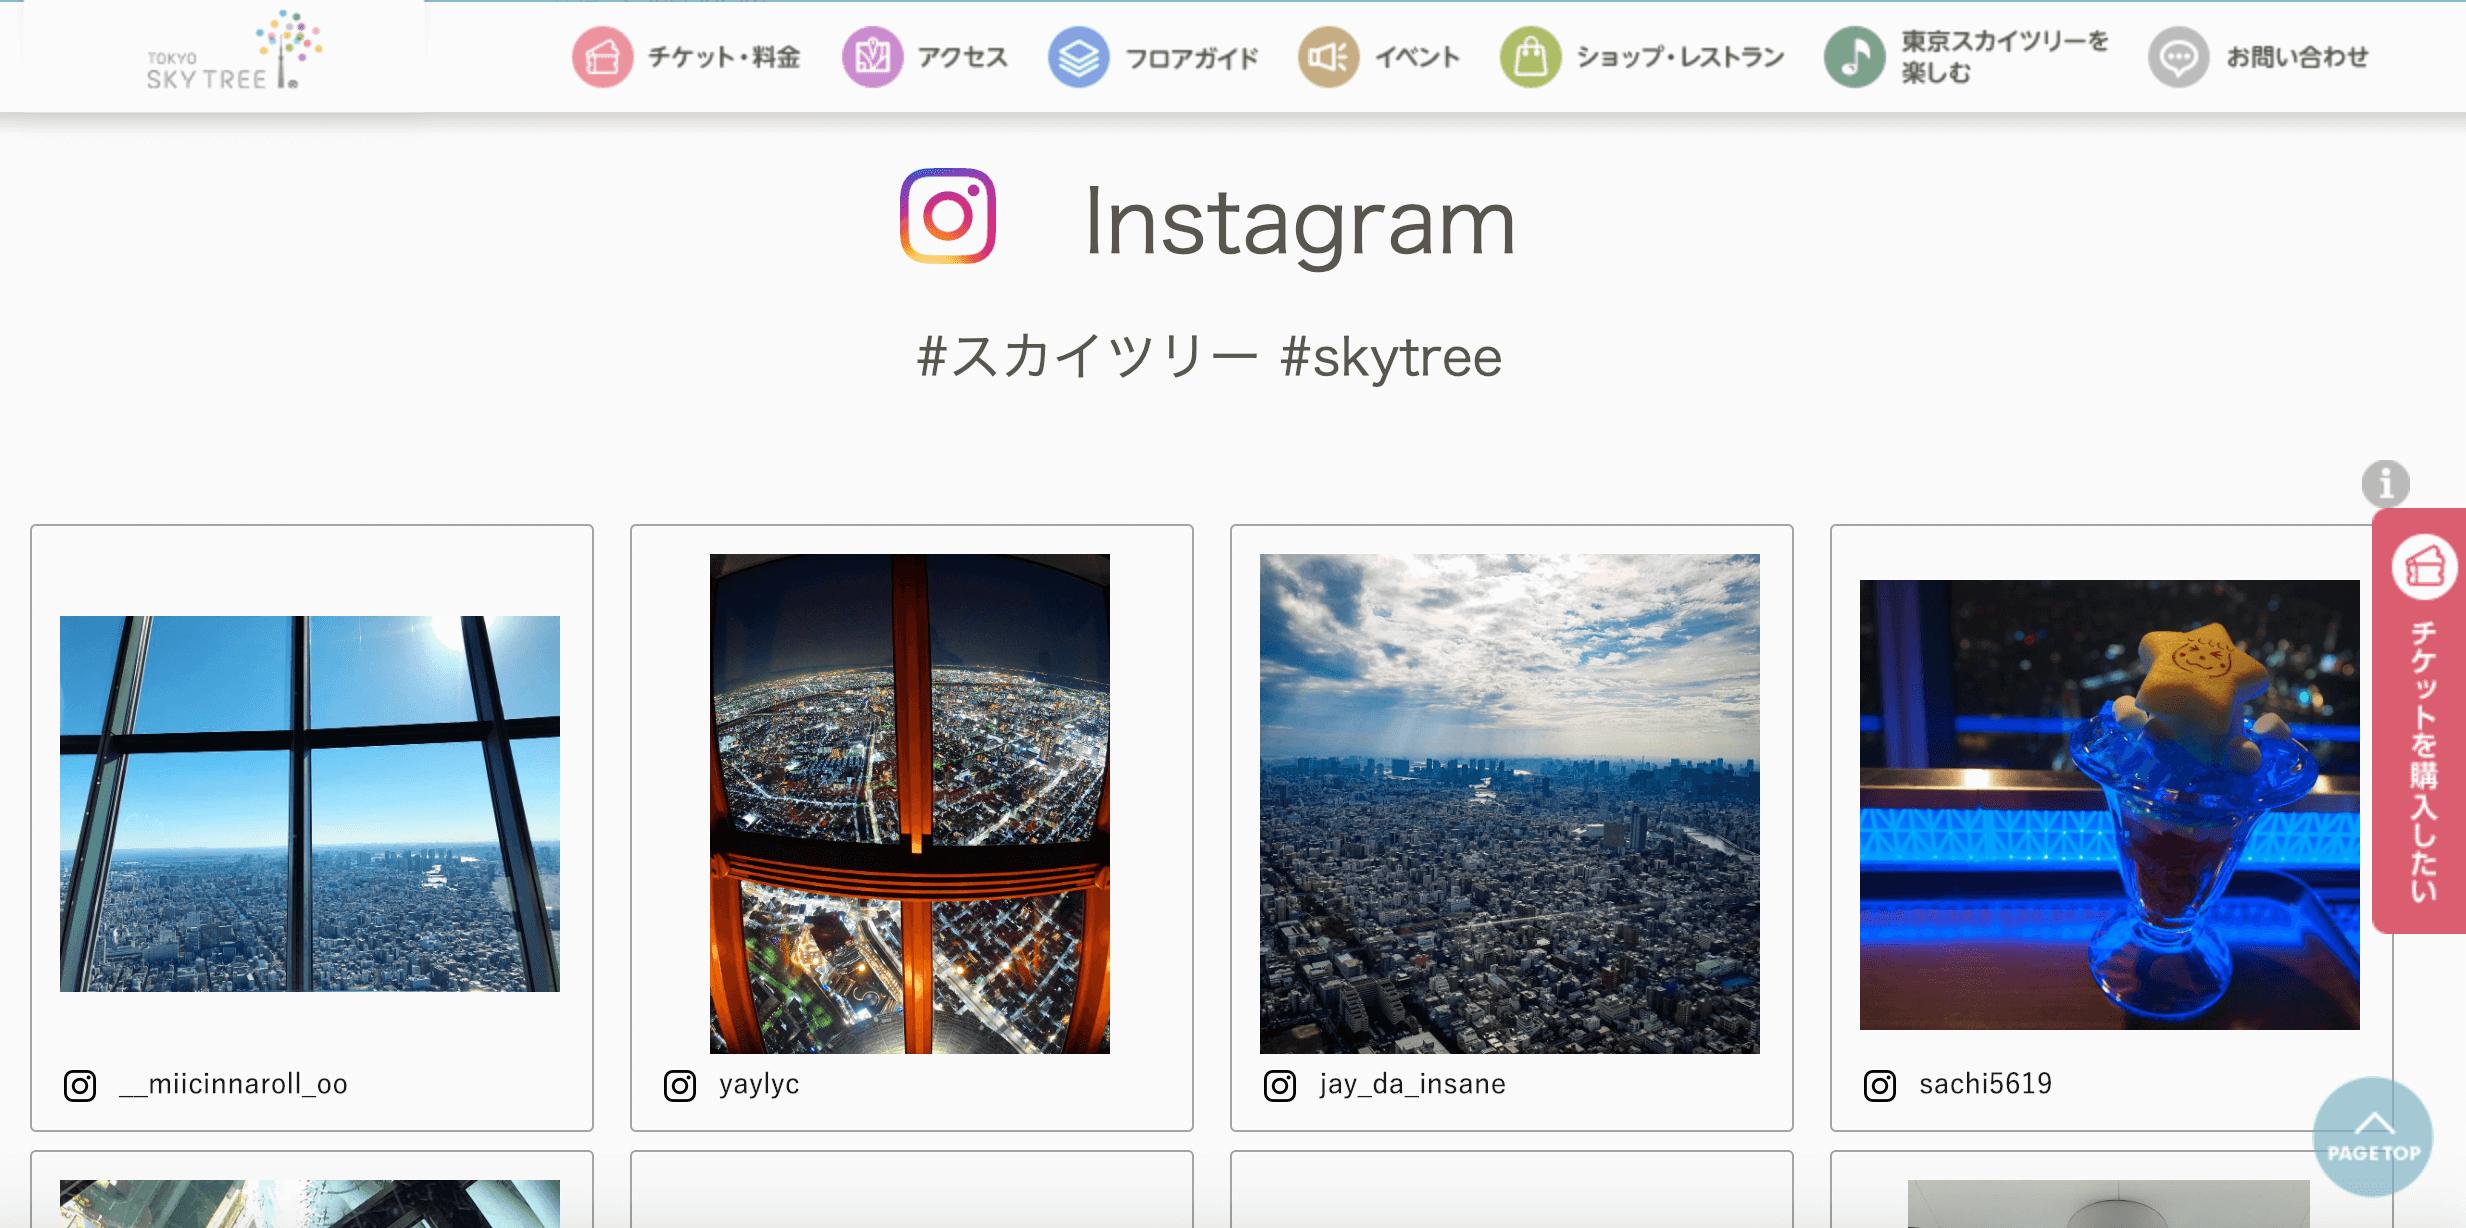 東京スカイツリー様の、デジタルマーケティング戦略のコンサルティング、SNS活用支援、公式サイトへの「タグライブ」の導入を行いました。